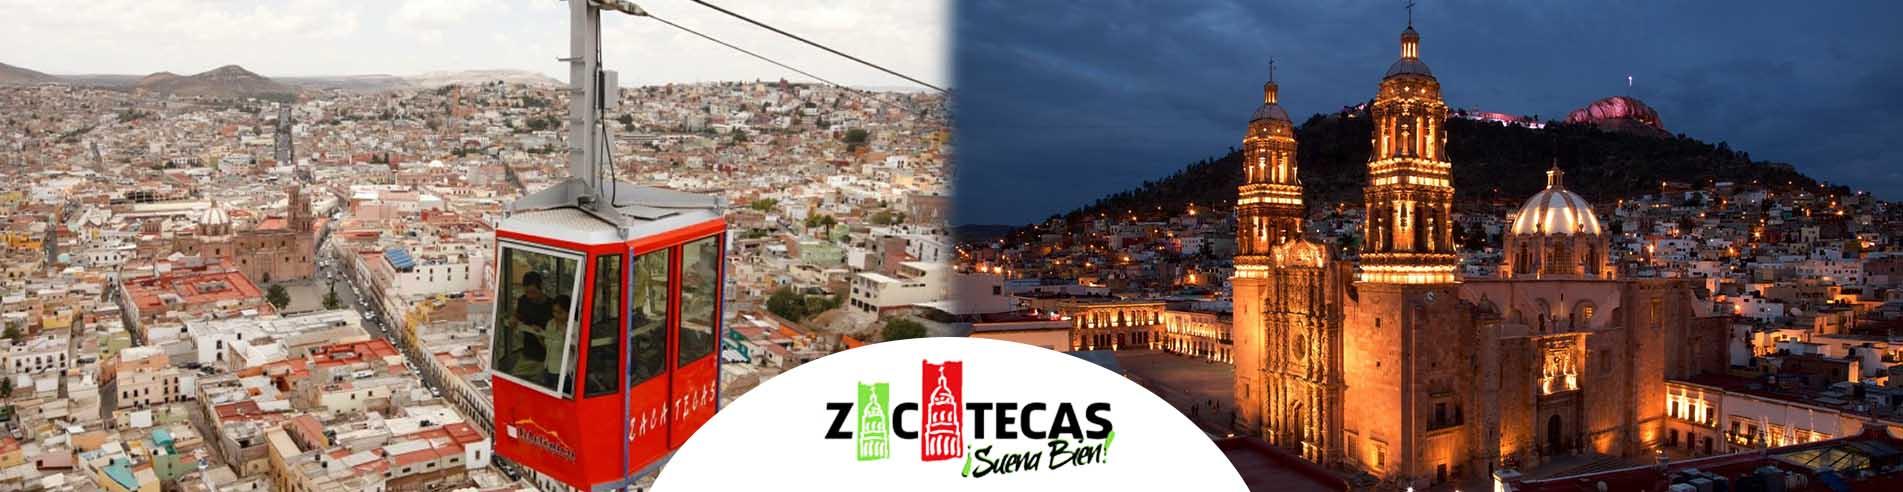 Qué hacer en Zacatecas,Turismo y Ecoturismo,México. - Qué Viaje